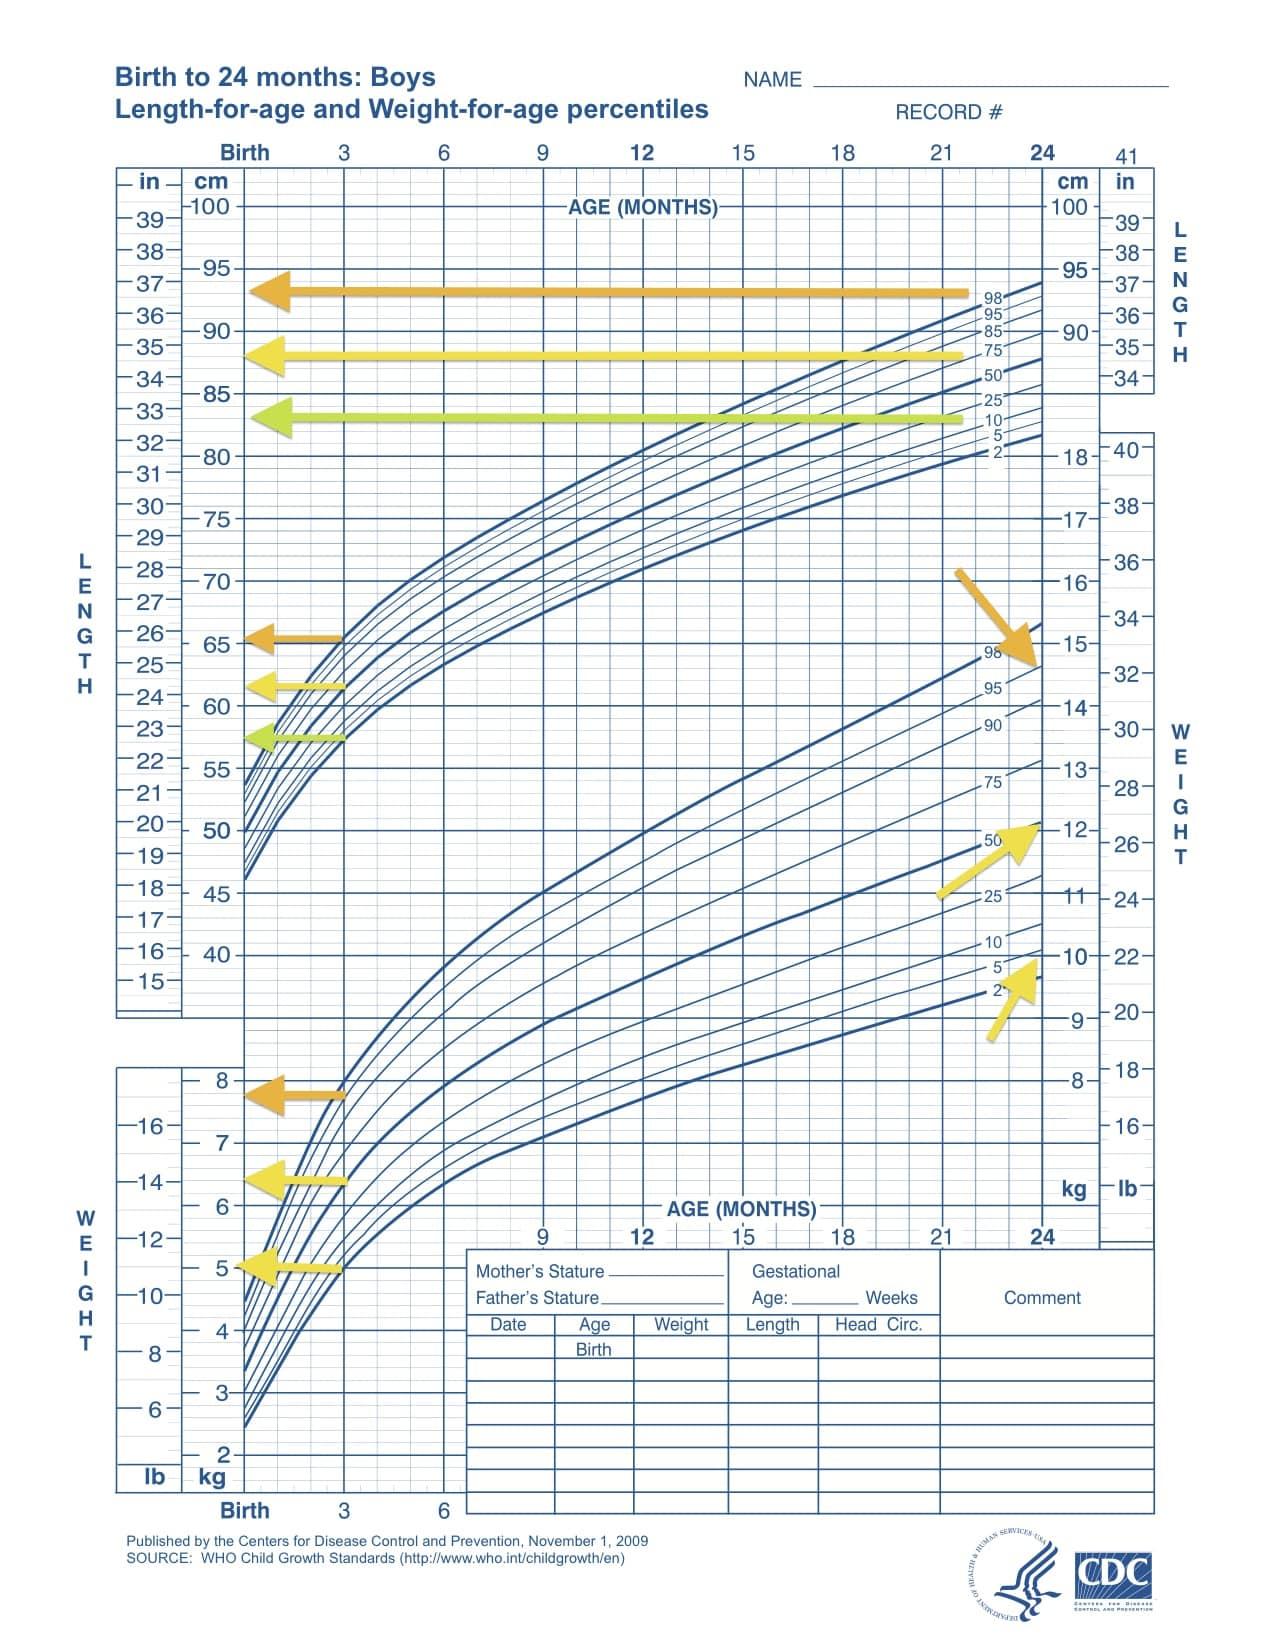 Curva di crescita OMS per bambini da 0 a 24 mesi